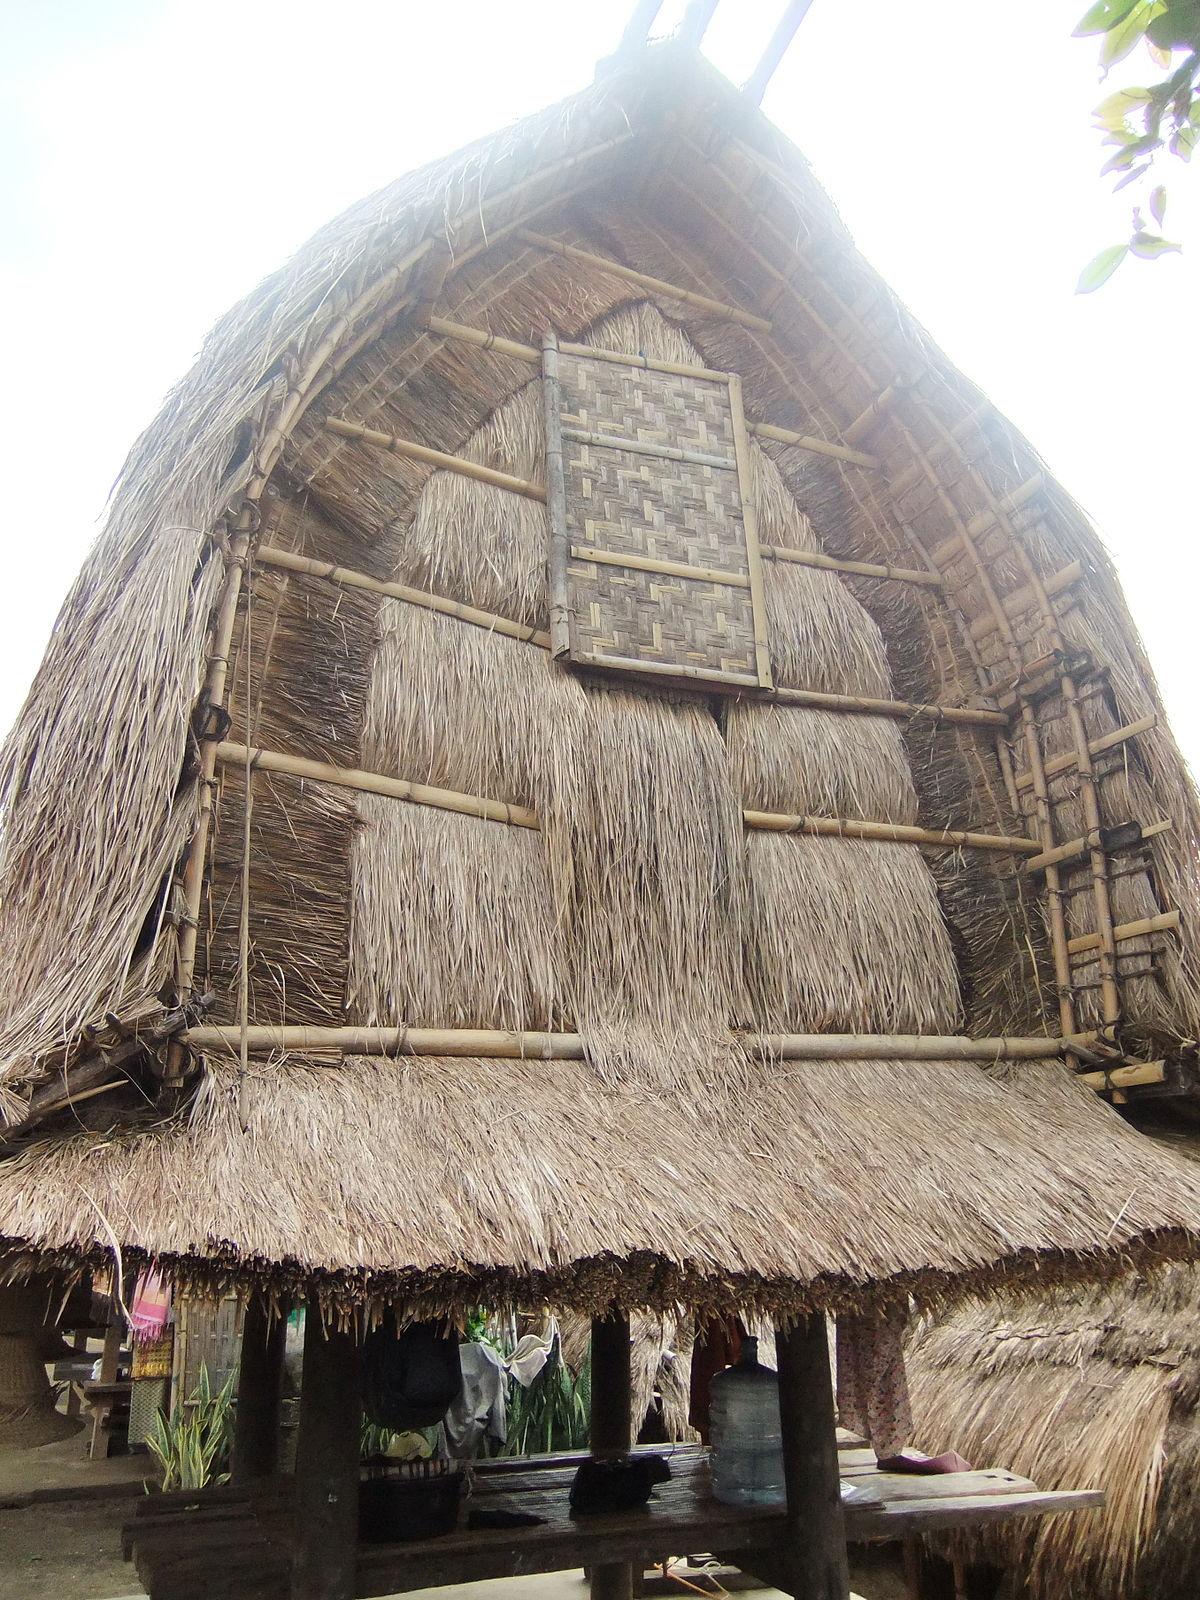 Rice barn - Wikipedia